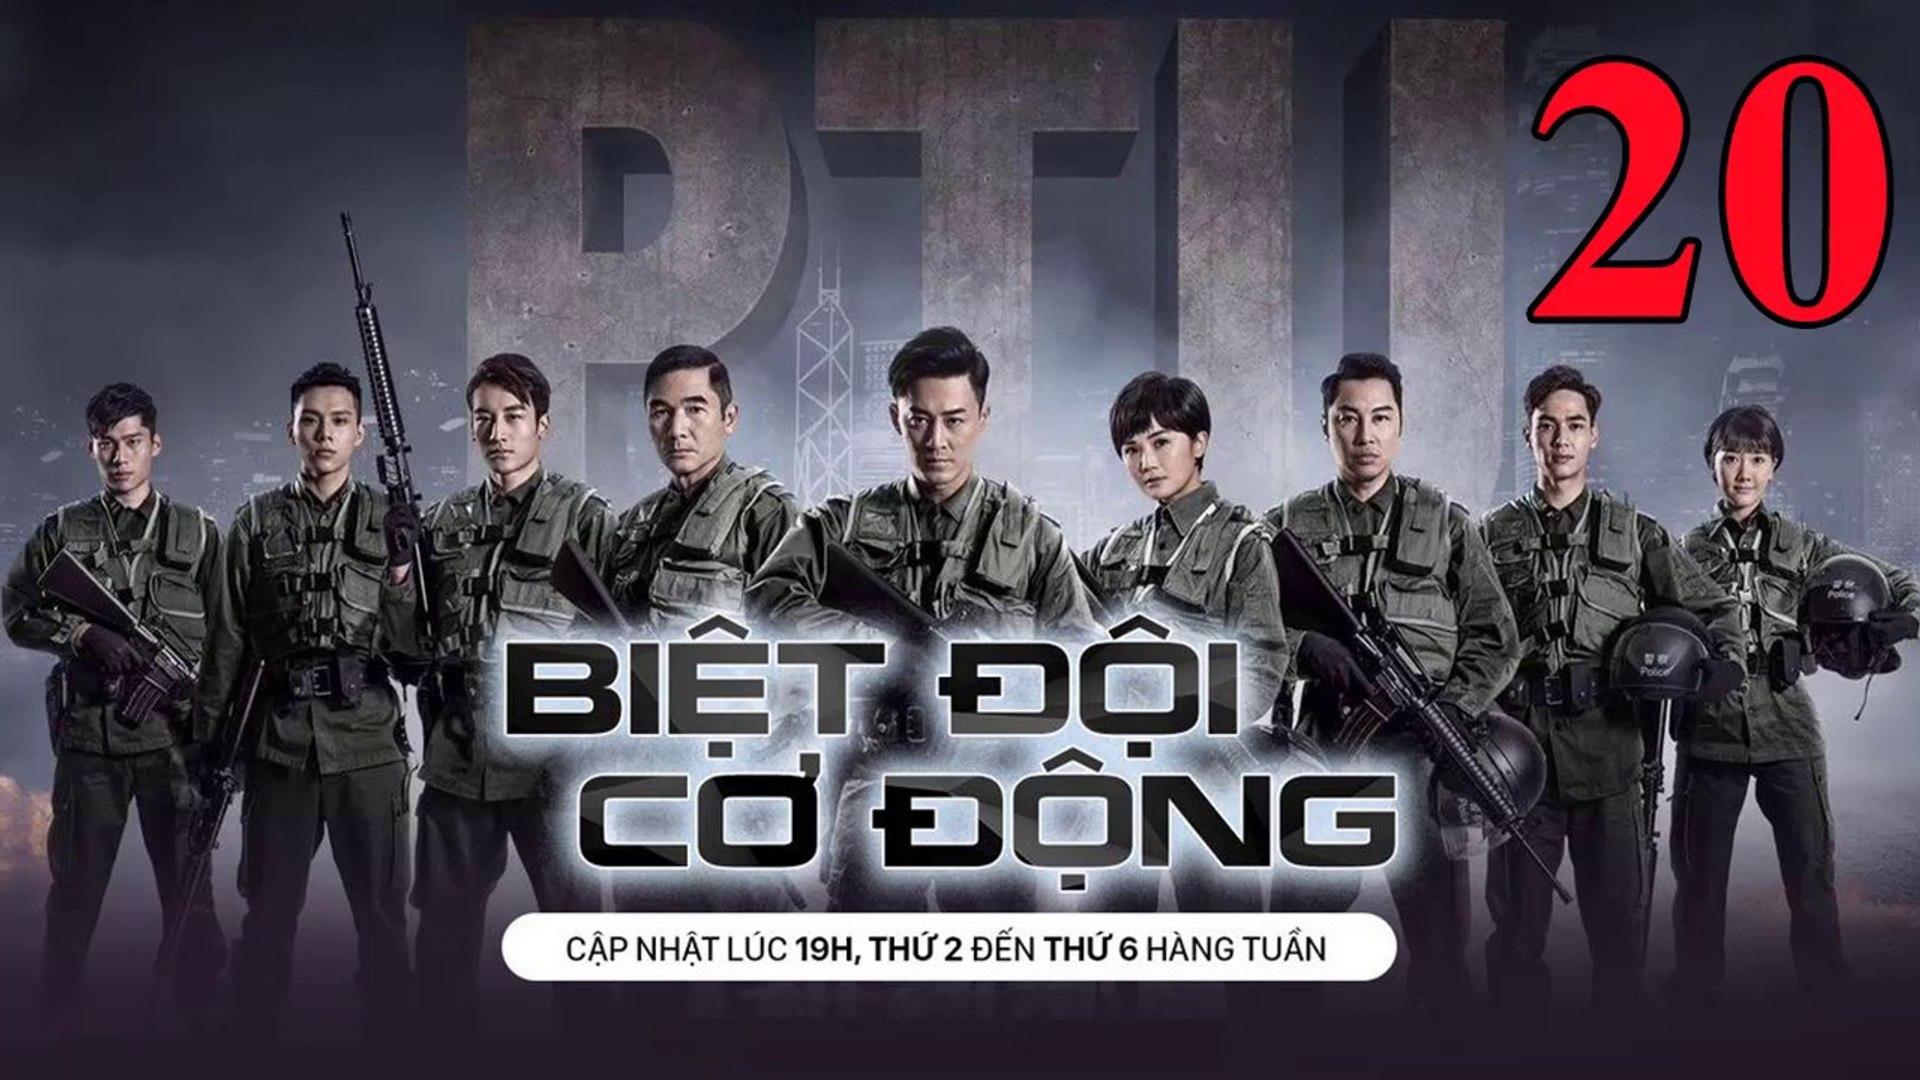 Phim Hành Động TVB: Biệt Đội Cơ Động Tập 20 Vietsub | 机动部队 Police Tactical Unit Ep.20 HD 2019